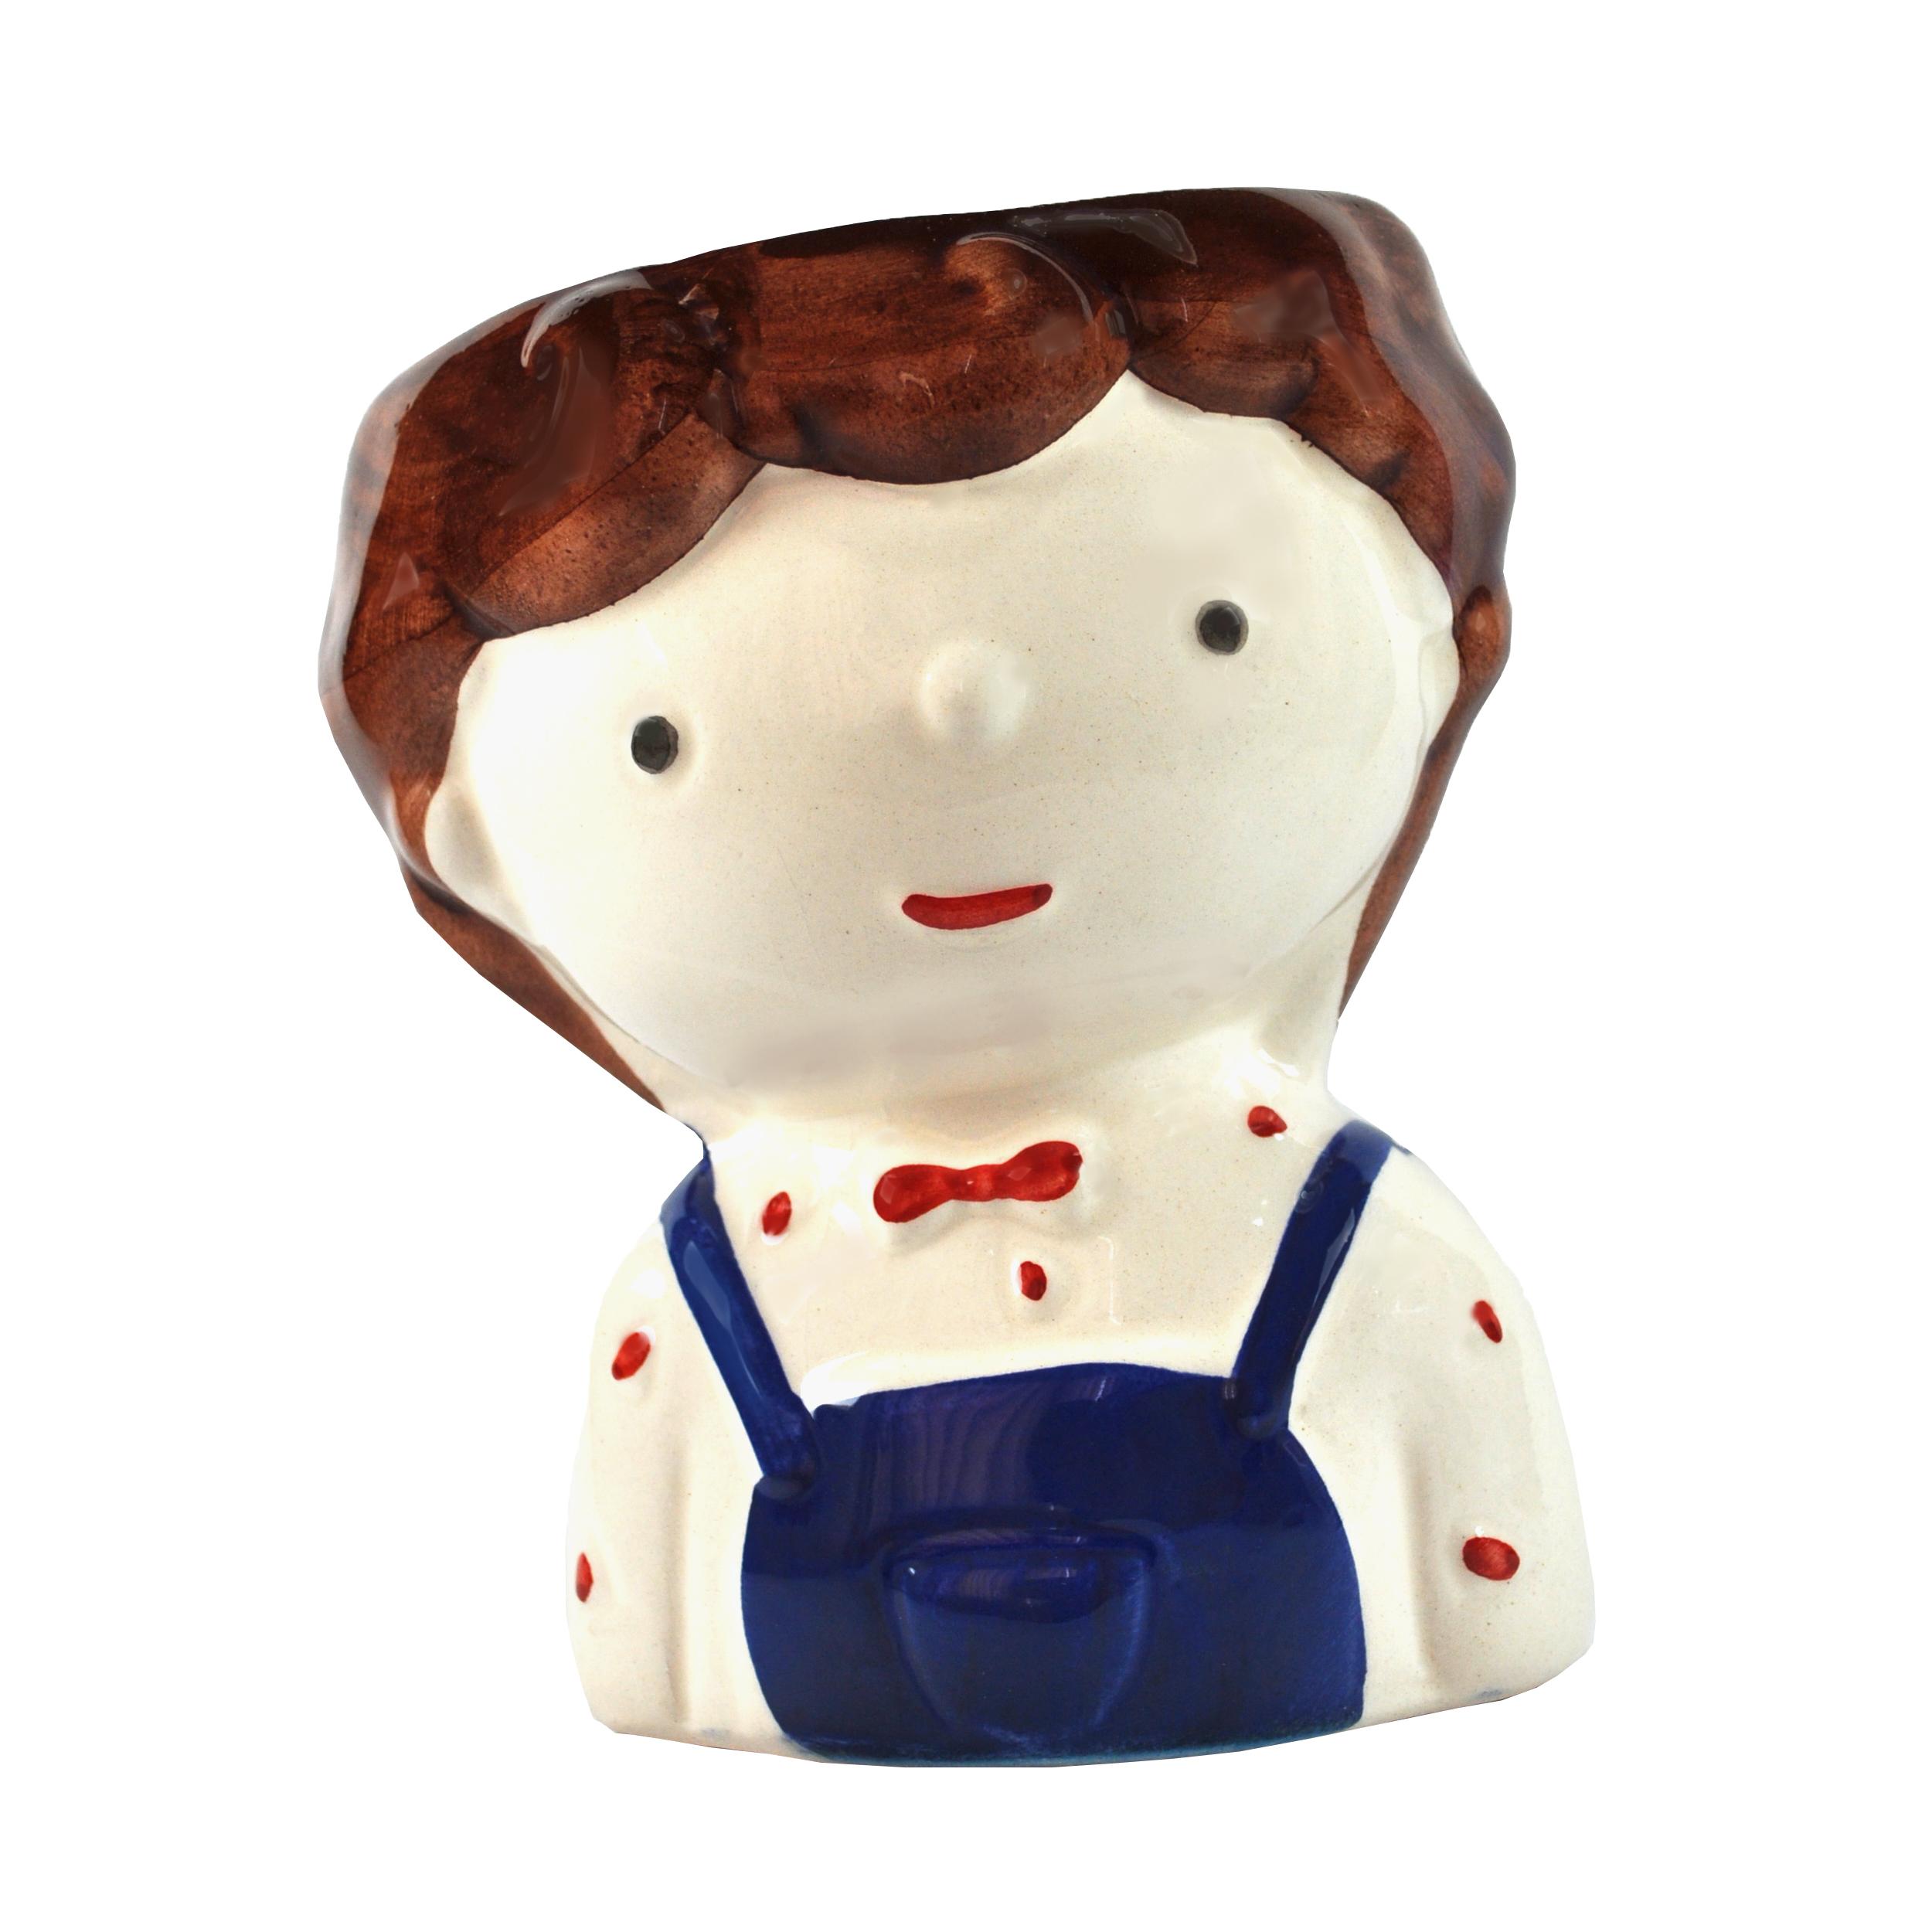 قیمت خرید گلدان مدل عروسکی طرح پسر کد 1106006 اورجینال